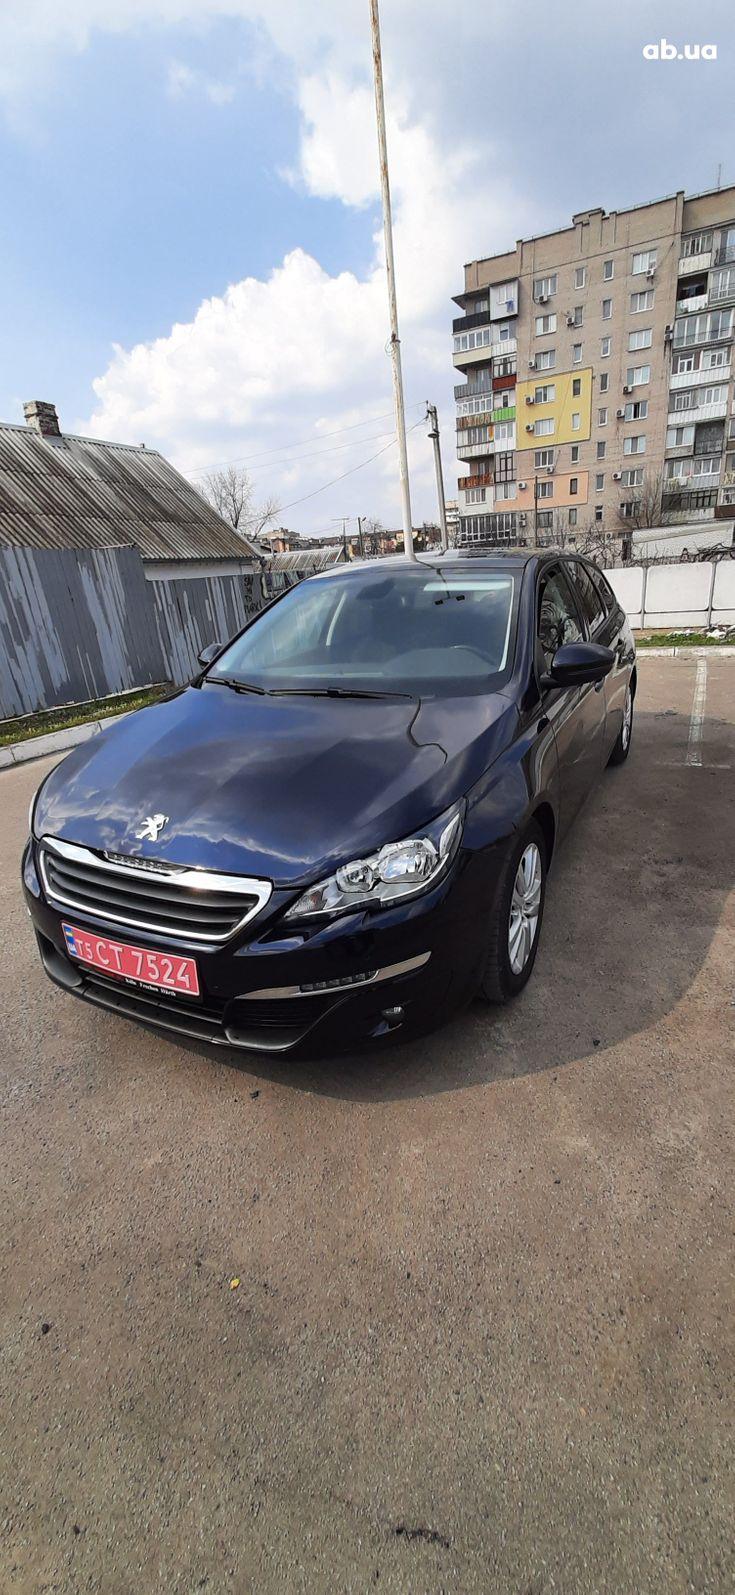 Peugeot 308 2015 синий - фото 2